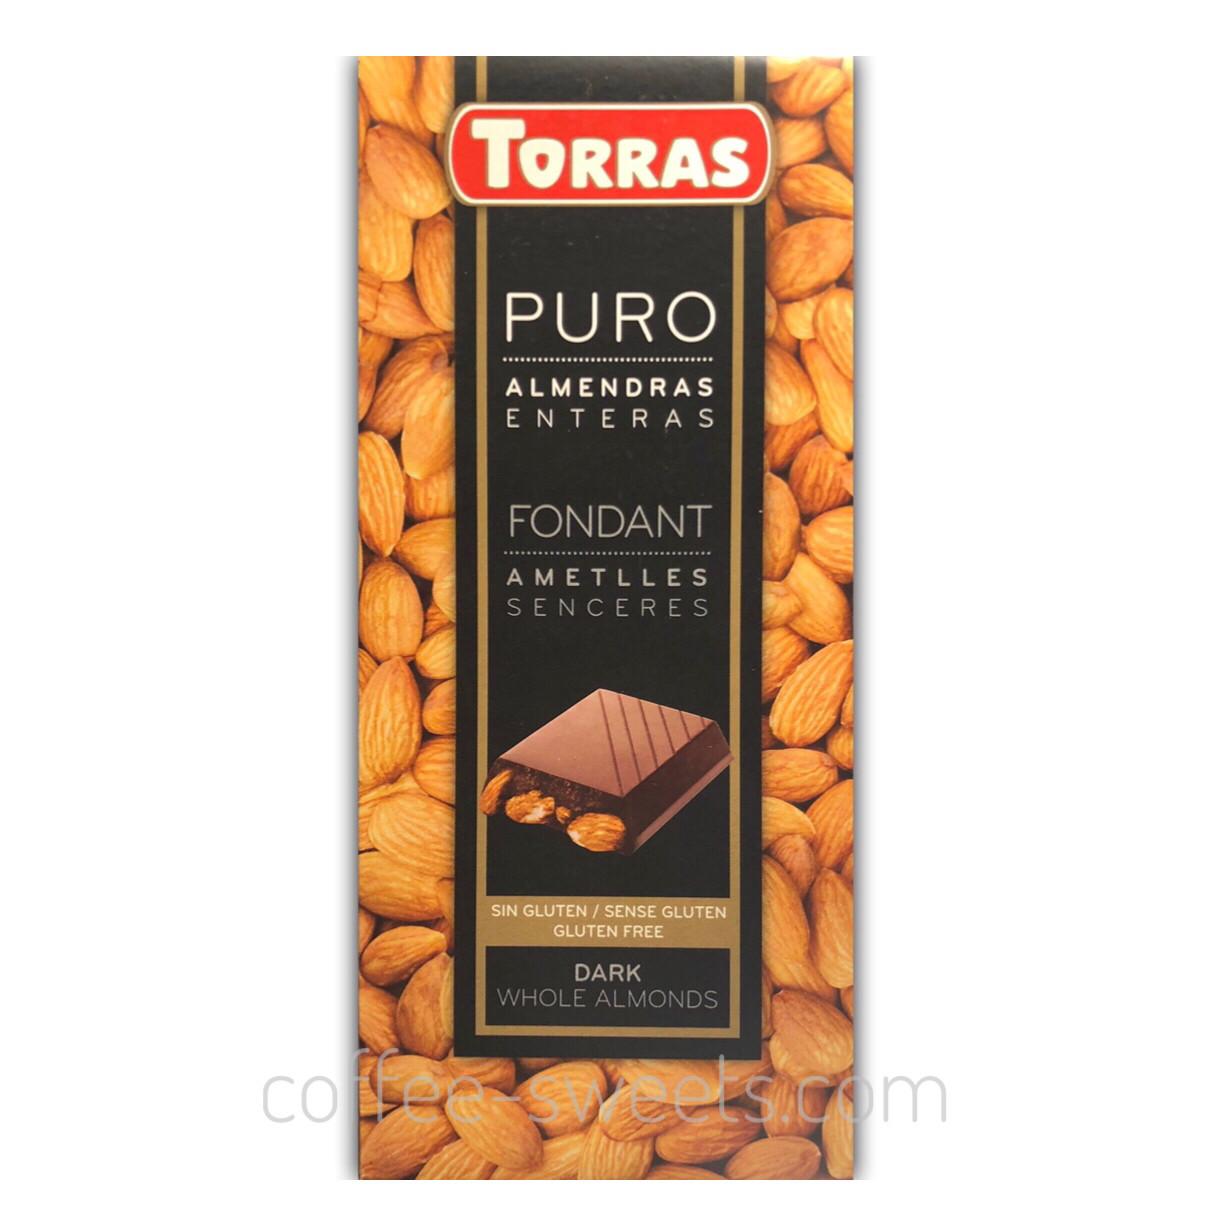 Шоколад черный Torras Puro Fondant с миндалем 200г